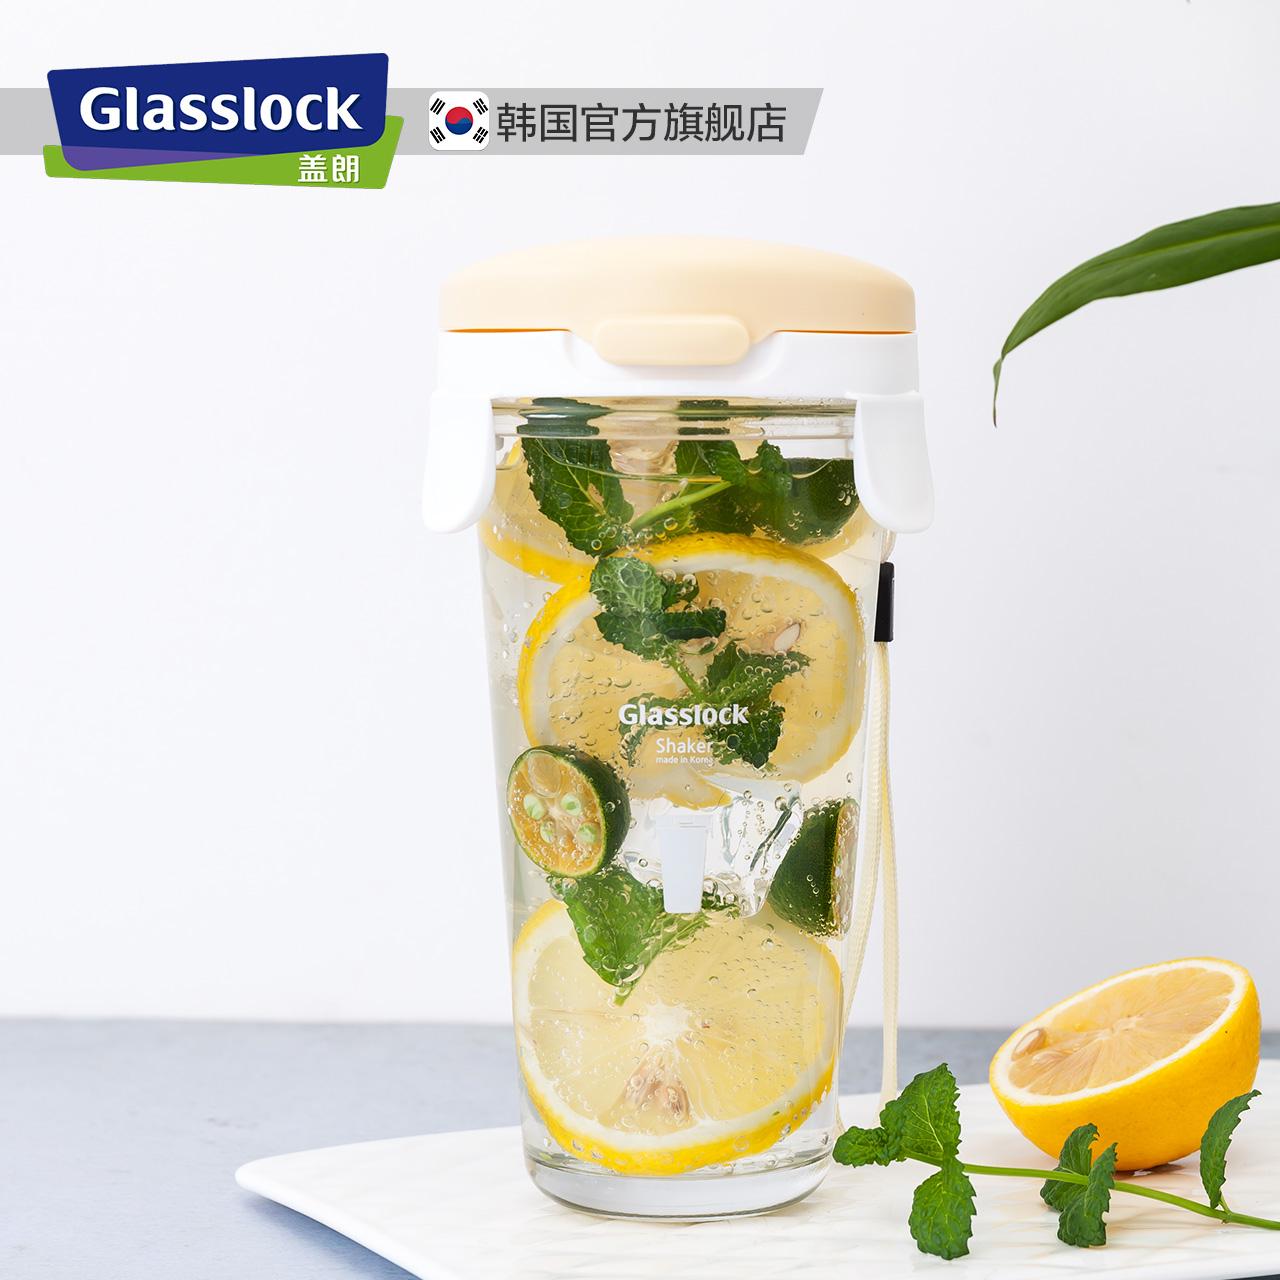 Glasslock 三光云彩 玻璃杯 45ml